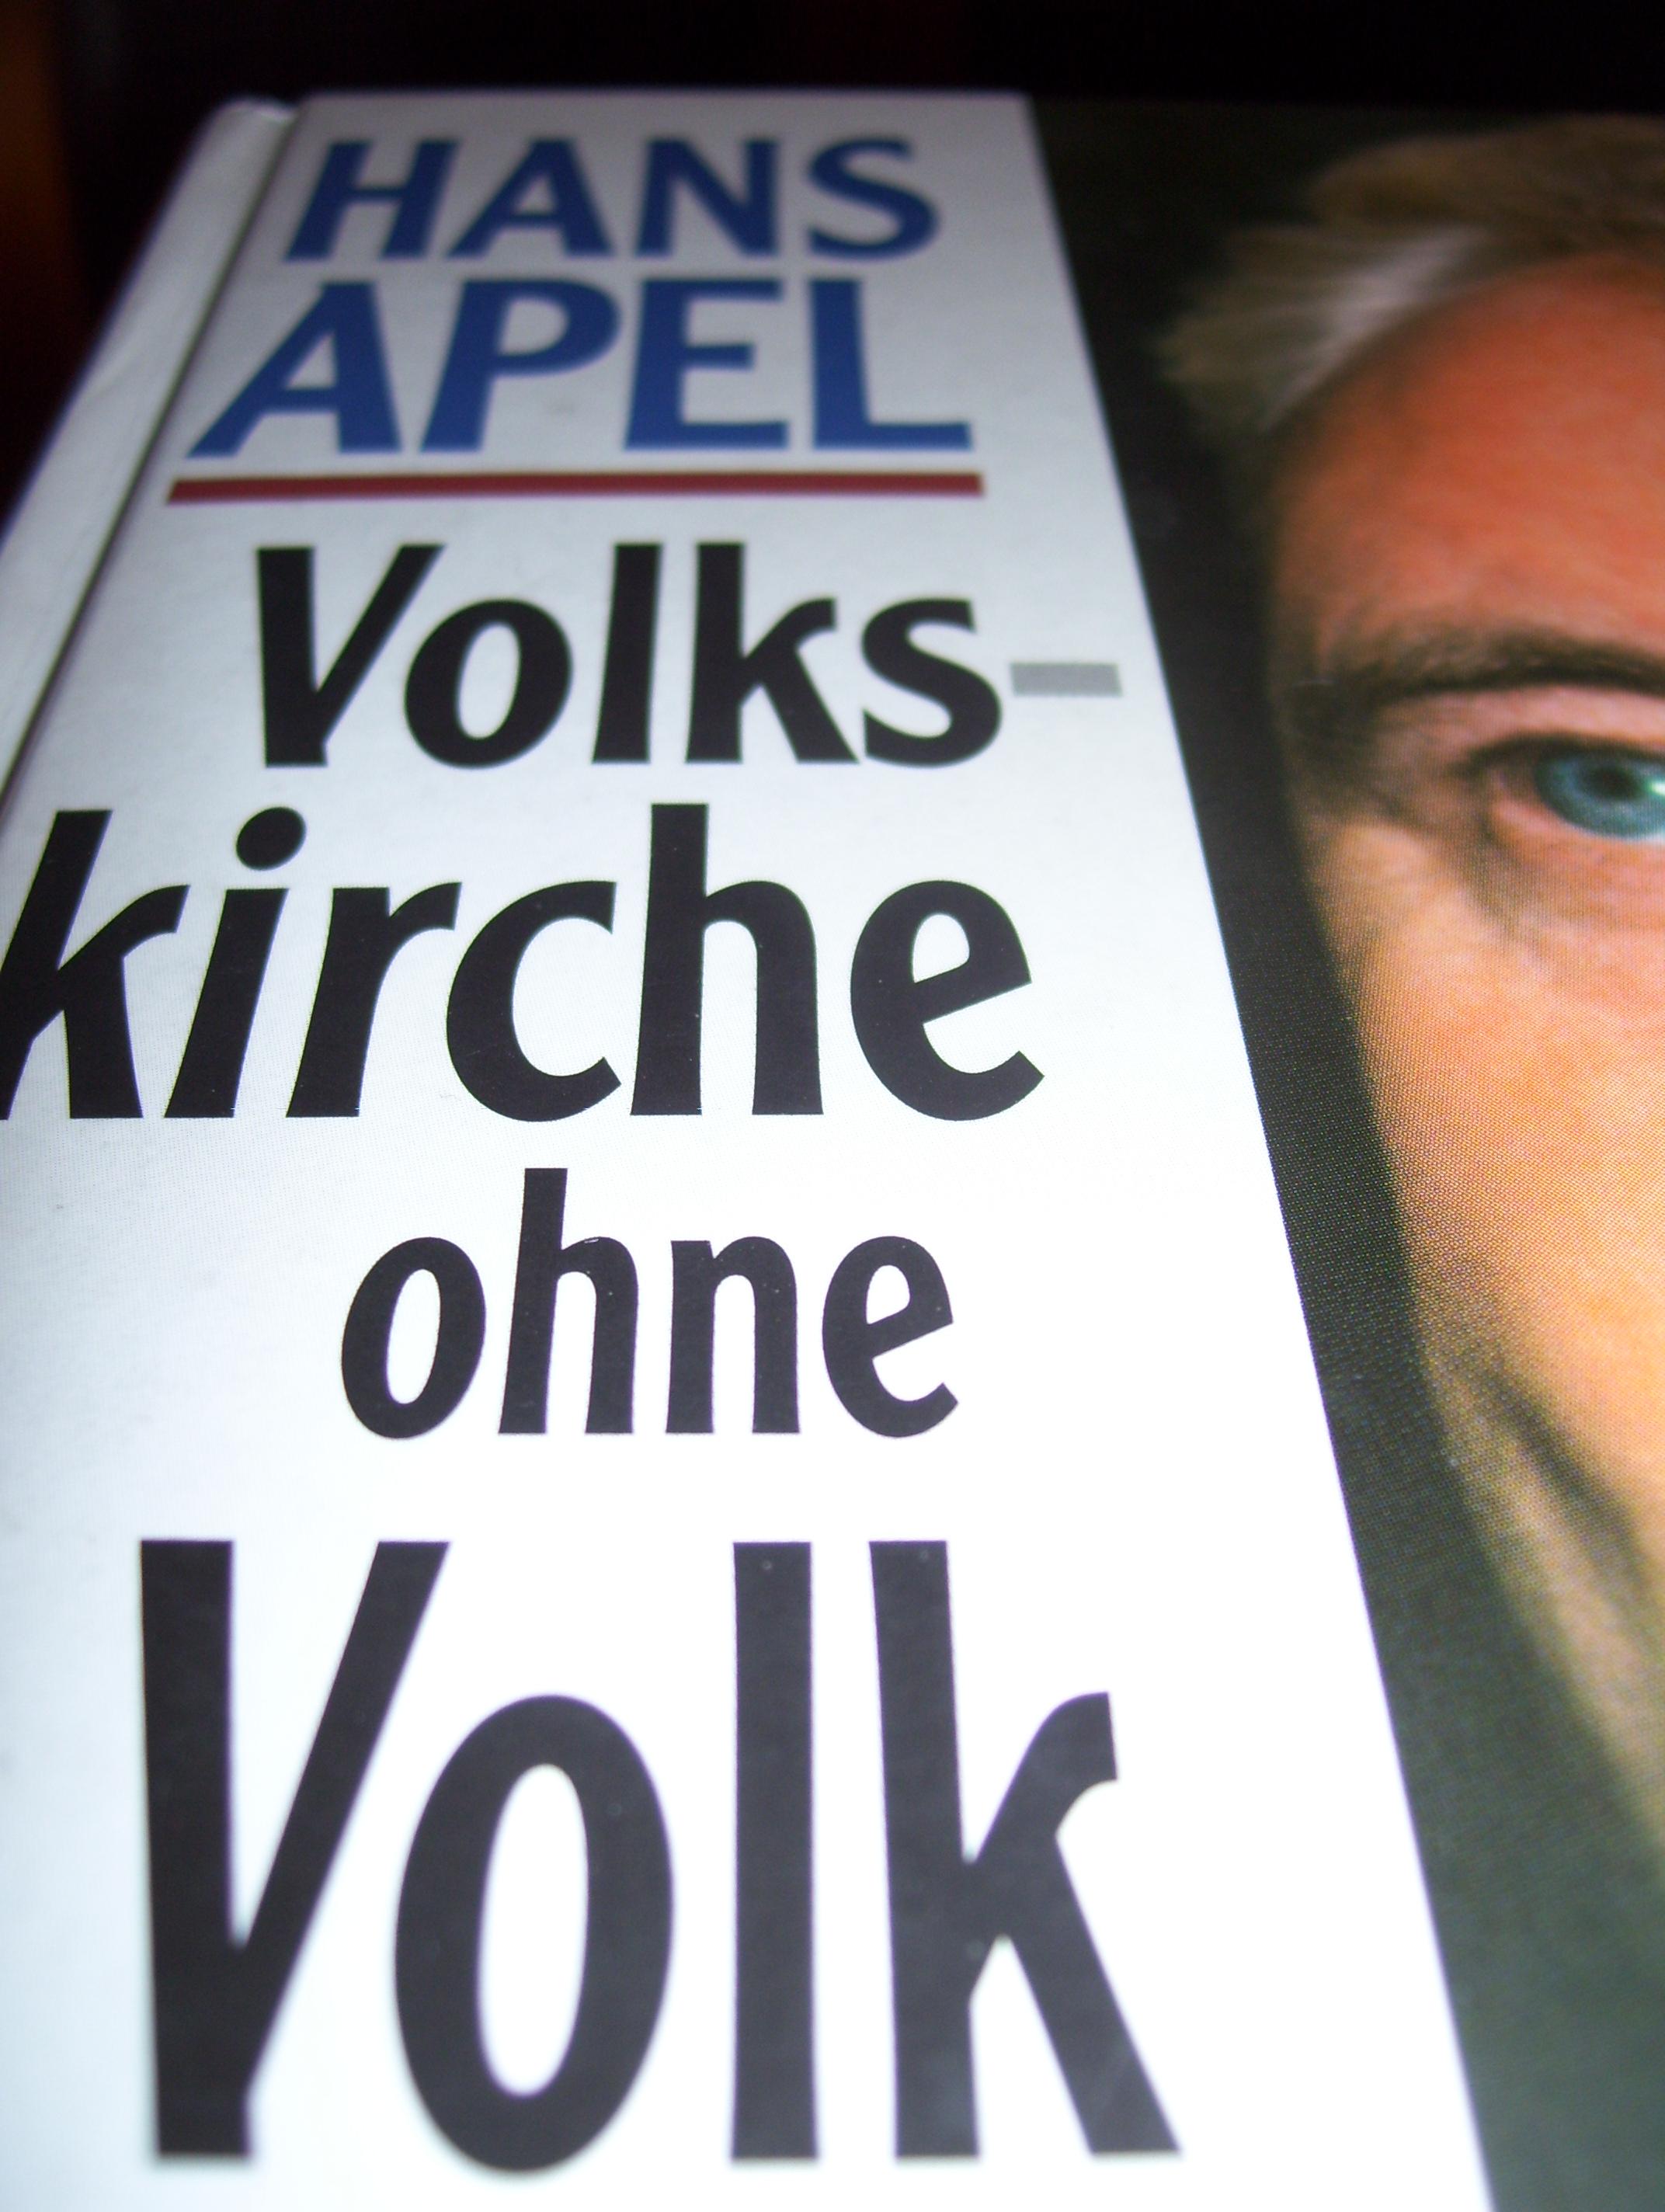 Apel-Buch